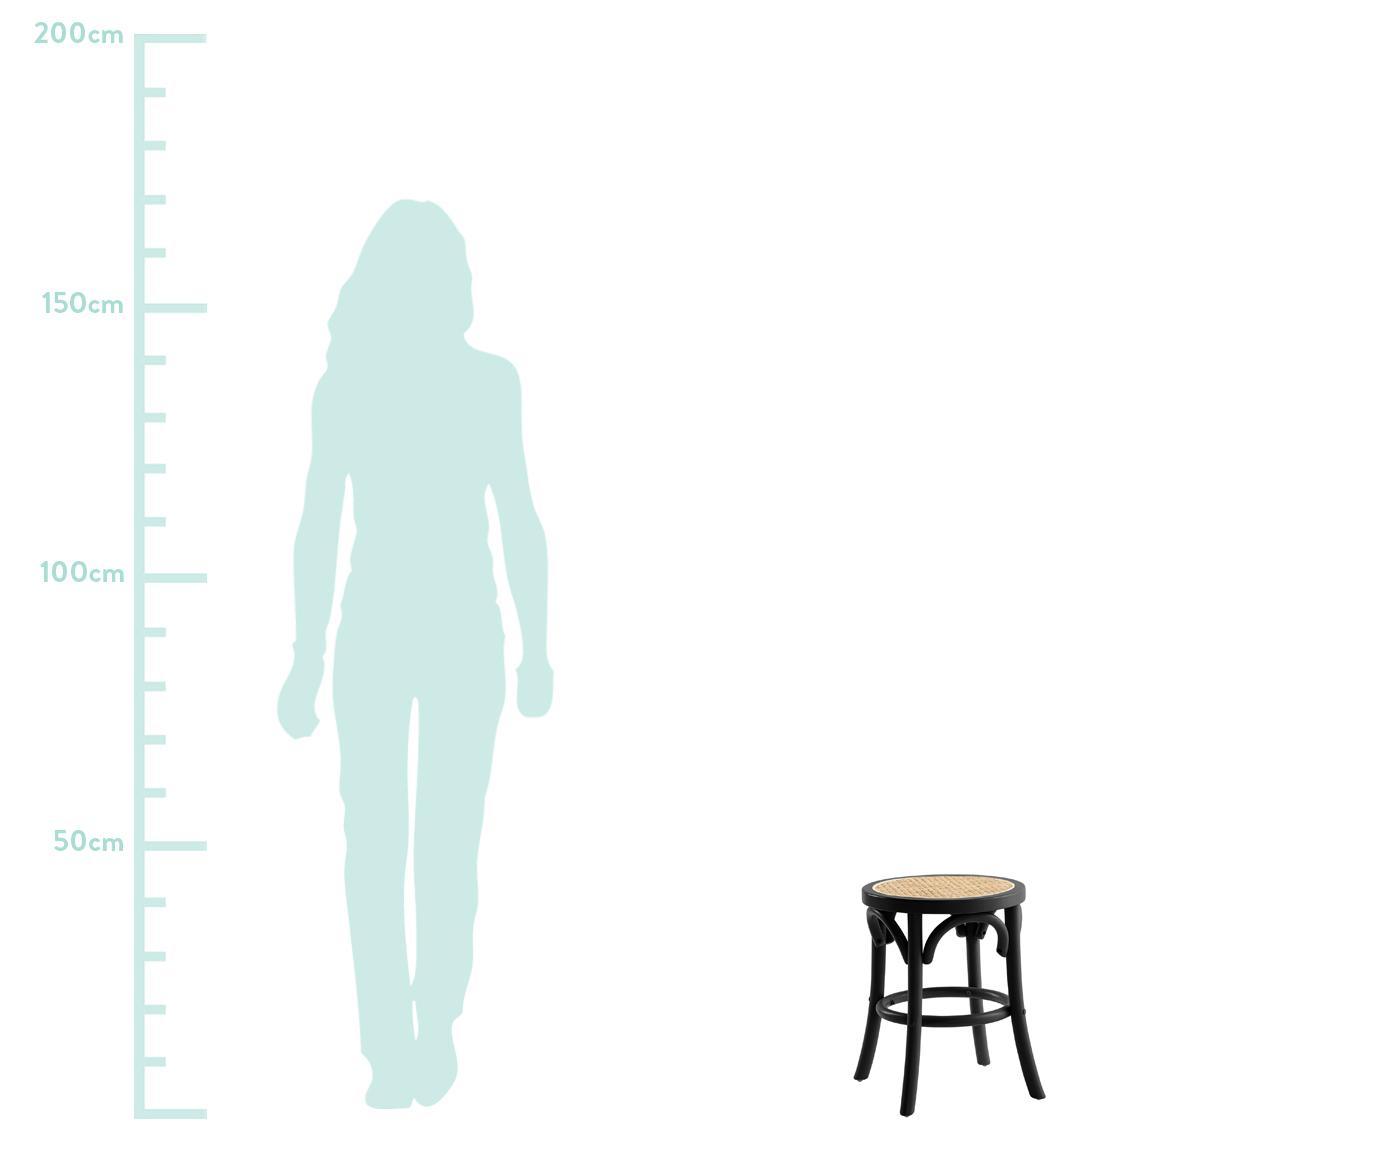 Hocker Franz mit Wiener Geflecht, Sitzfläche: Rattan, Gestell: Massives Birkenholz, lack, Sitzfläche: RattanGestell: Birkenholz, schwarz lackiert, Ø 36 x H 45 cm